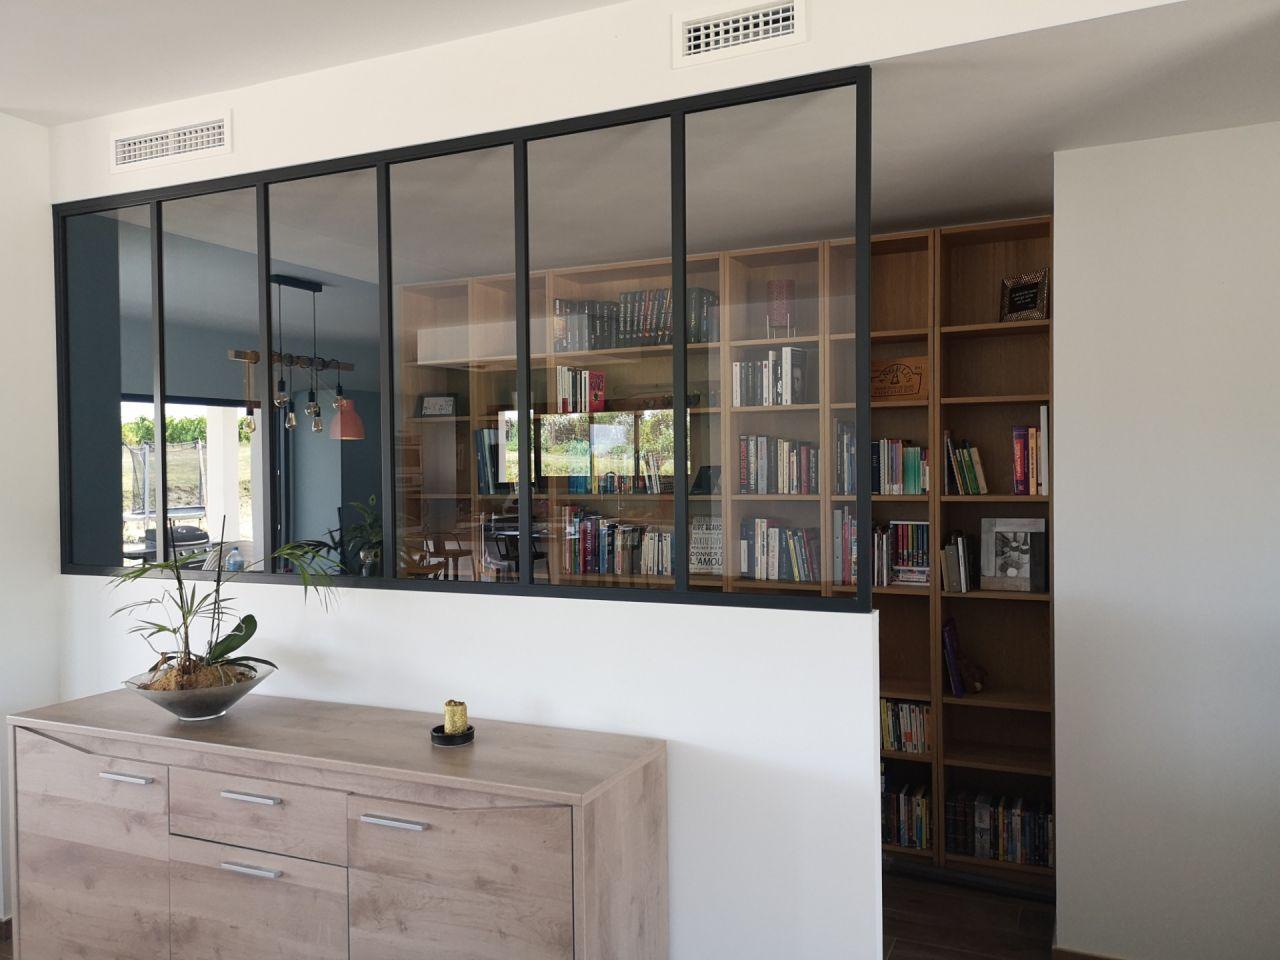 Verriere pour separer le coin salon du coin bibliotheque /bureau